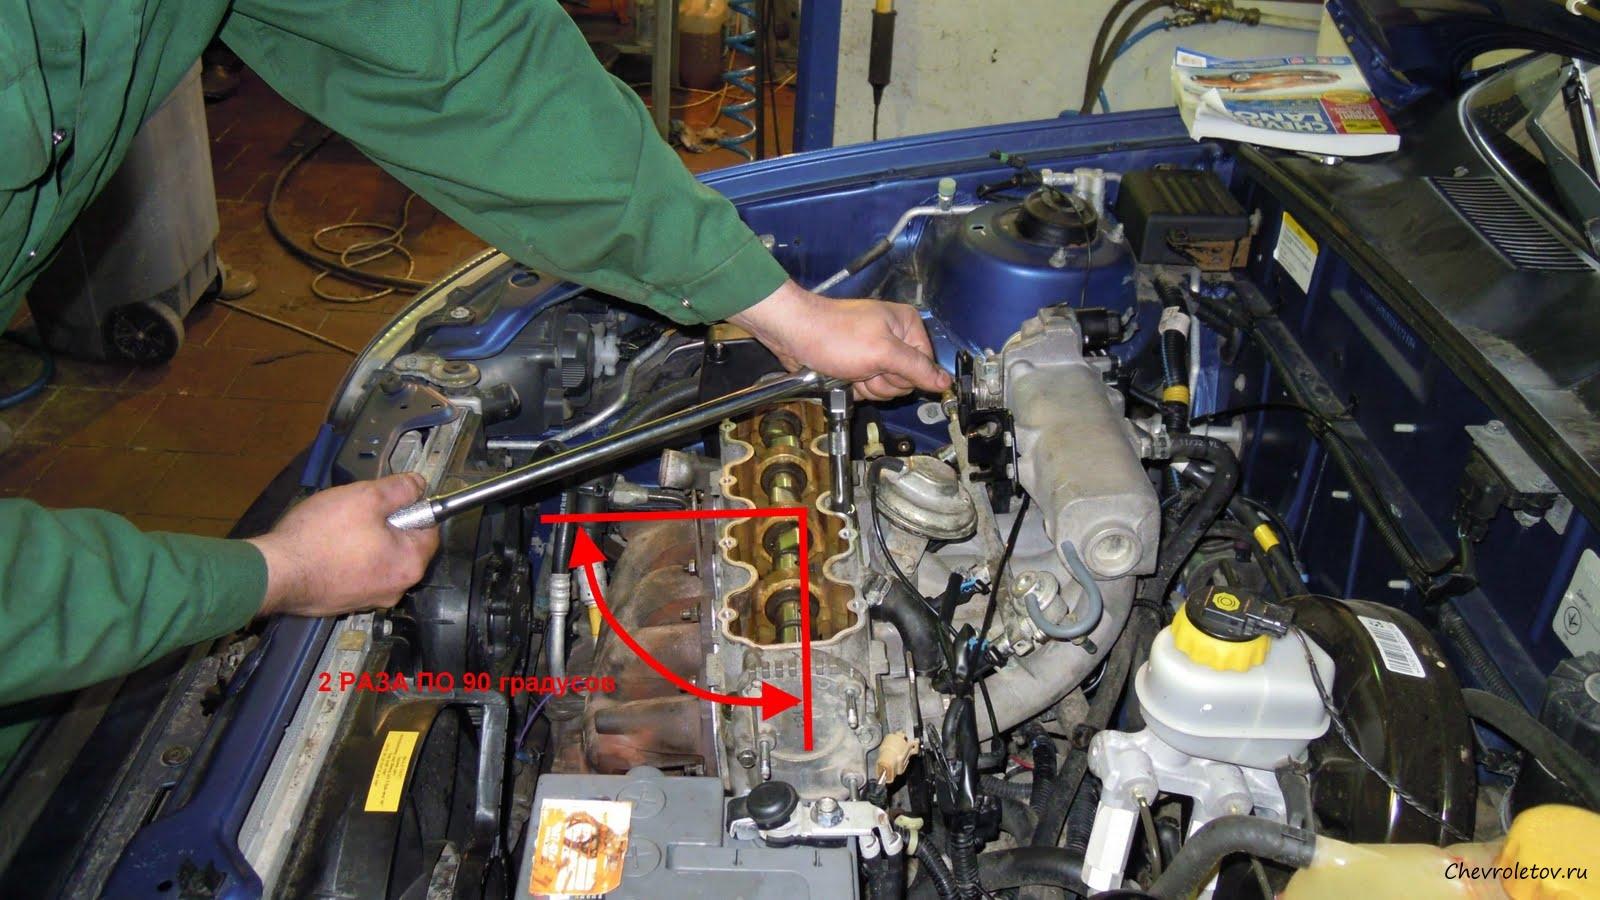 Замена масла двигателе опель своими руками